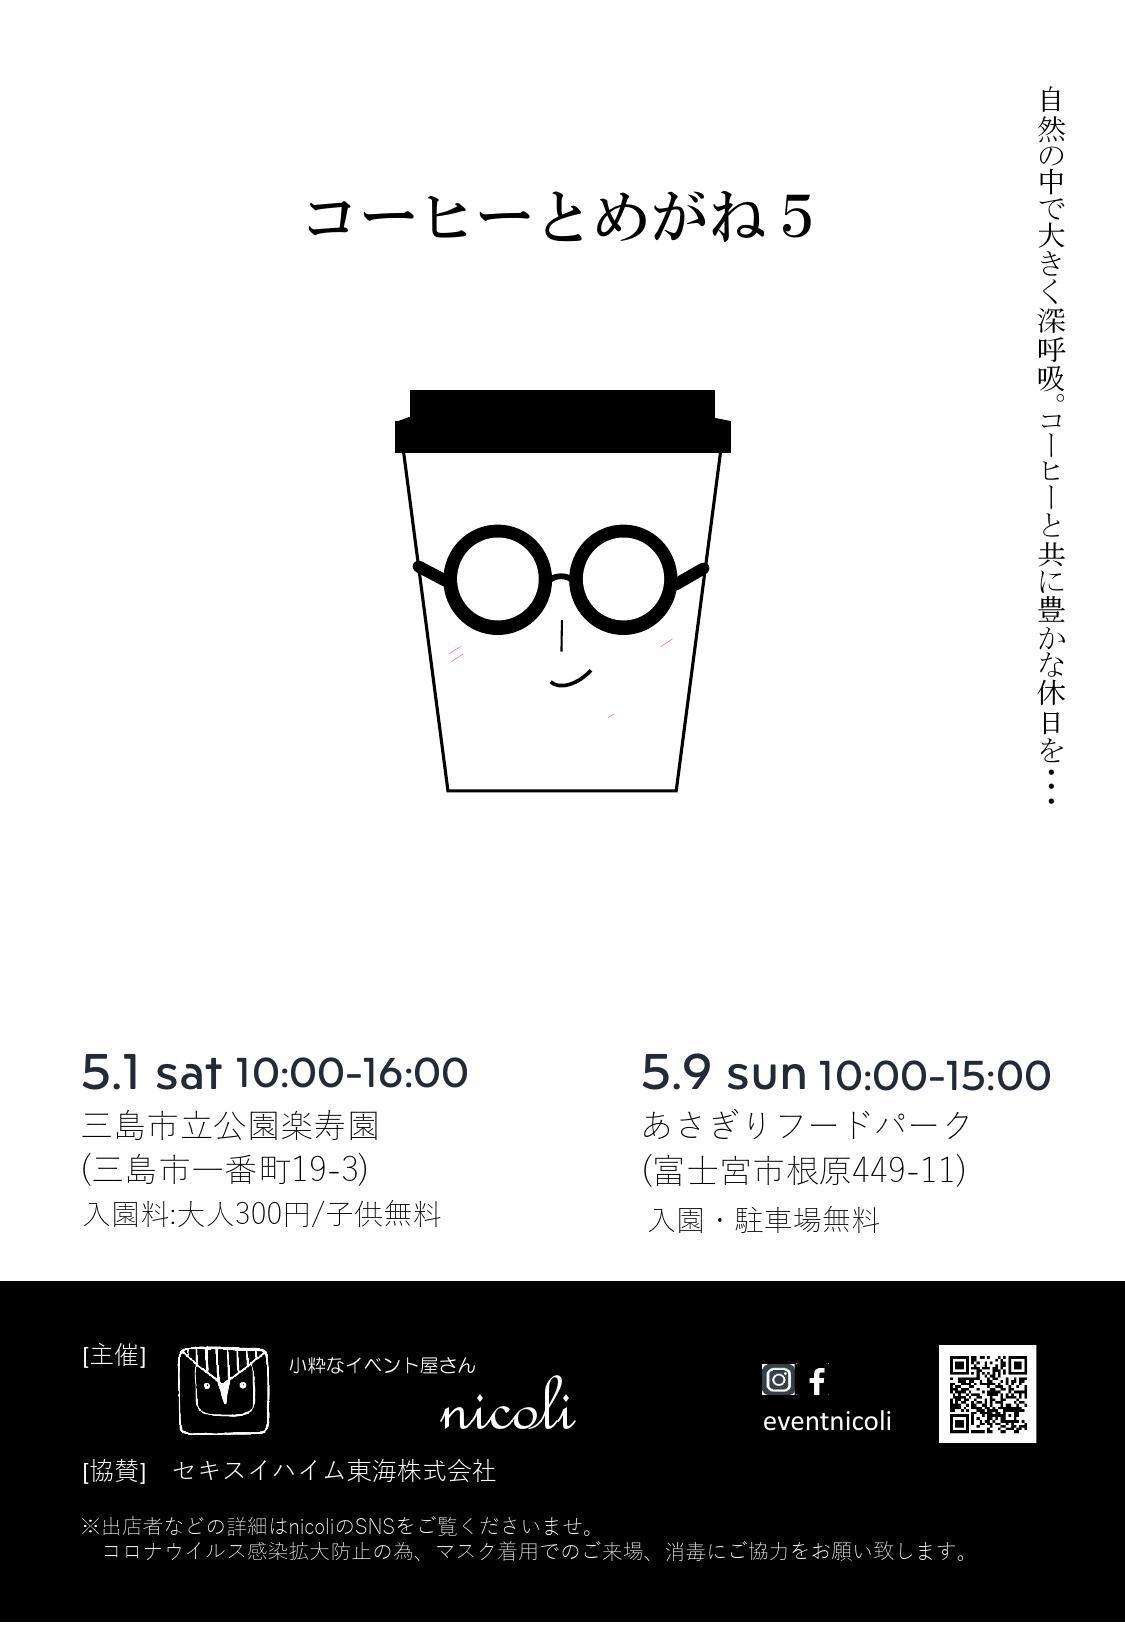 コーヒーとめがね5 フライヤーA4_000001.jpg